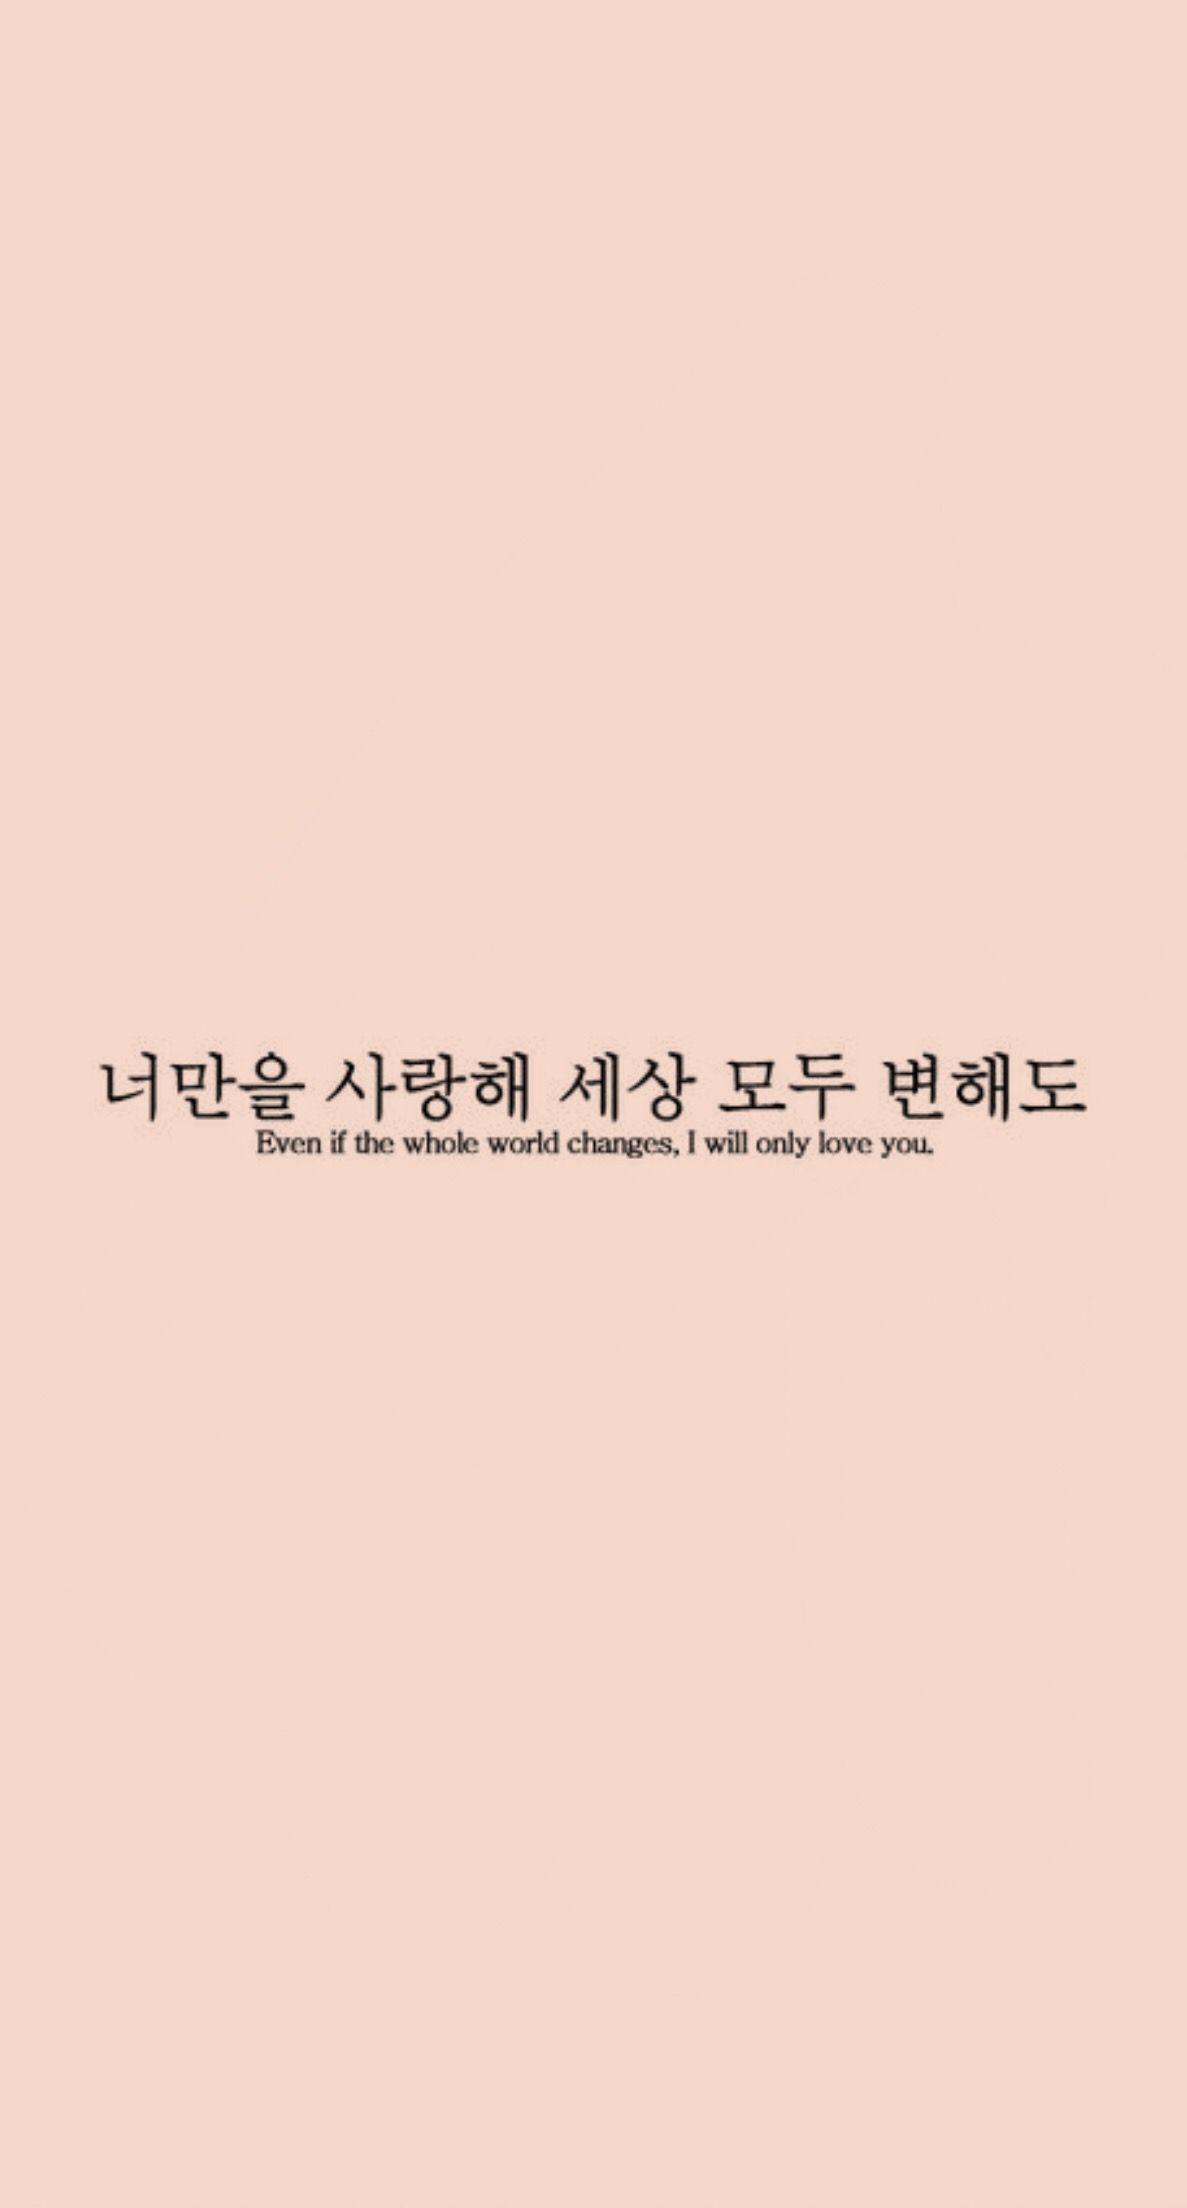 Lock Screen Korean Wallpaper Iphone Di 2020 Wallpaper Iphone